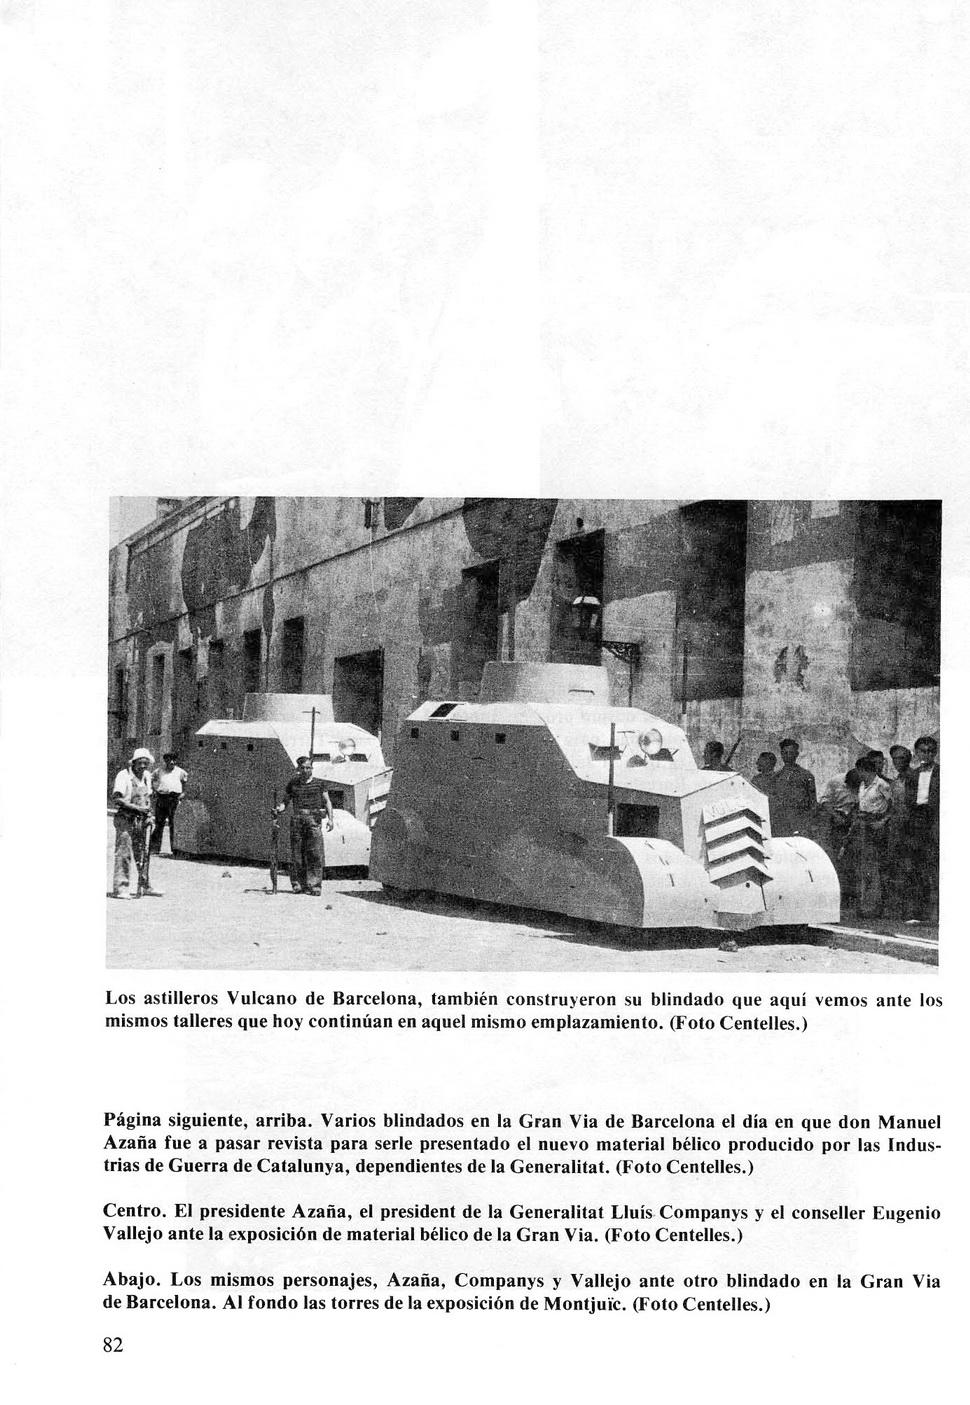 Carros De Combate Y Vehiculos Blindados De La Guerra 1936 1939 [F.C.Albert 1980]_Страница_080.jpg